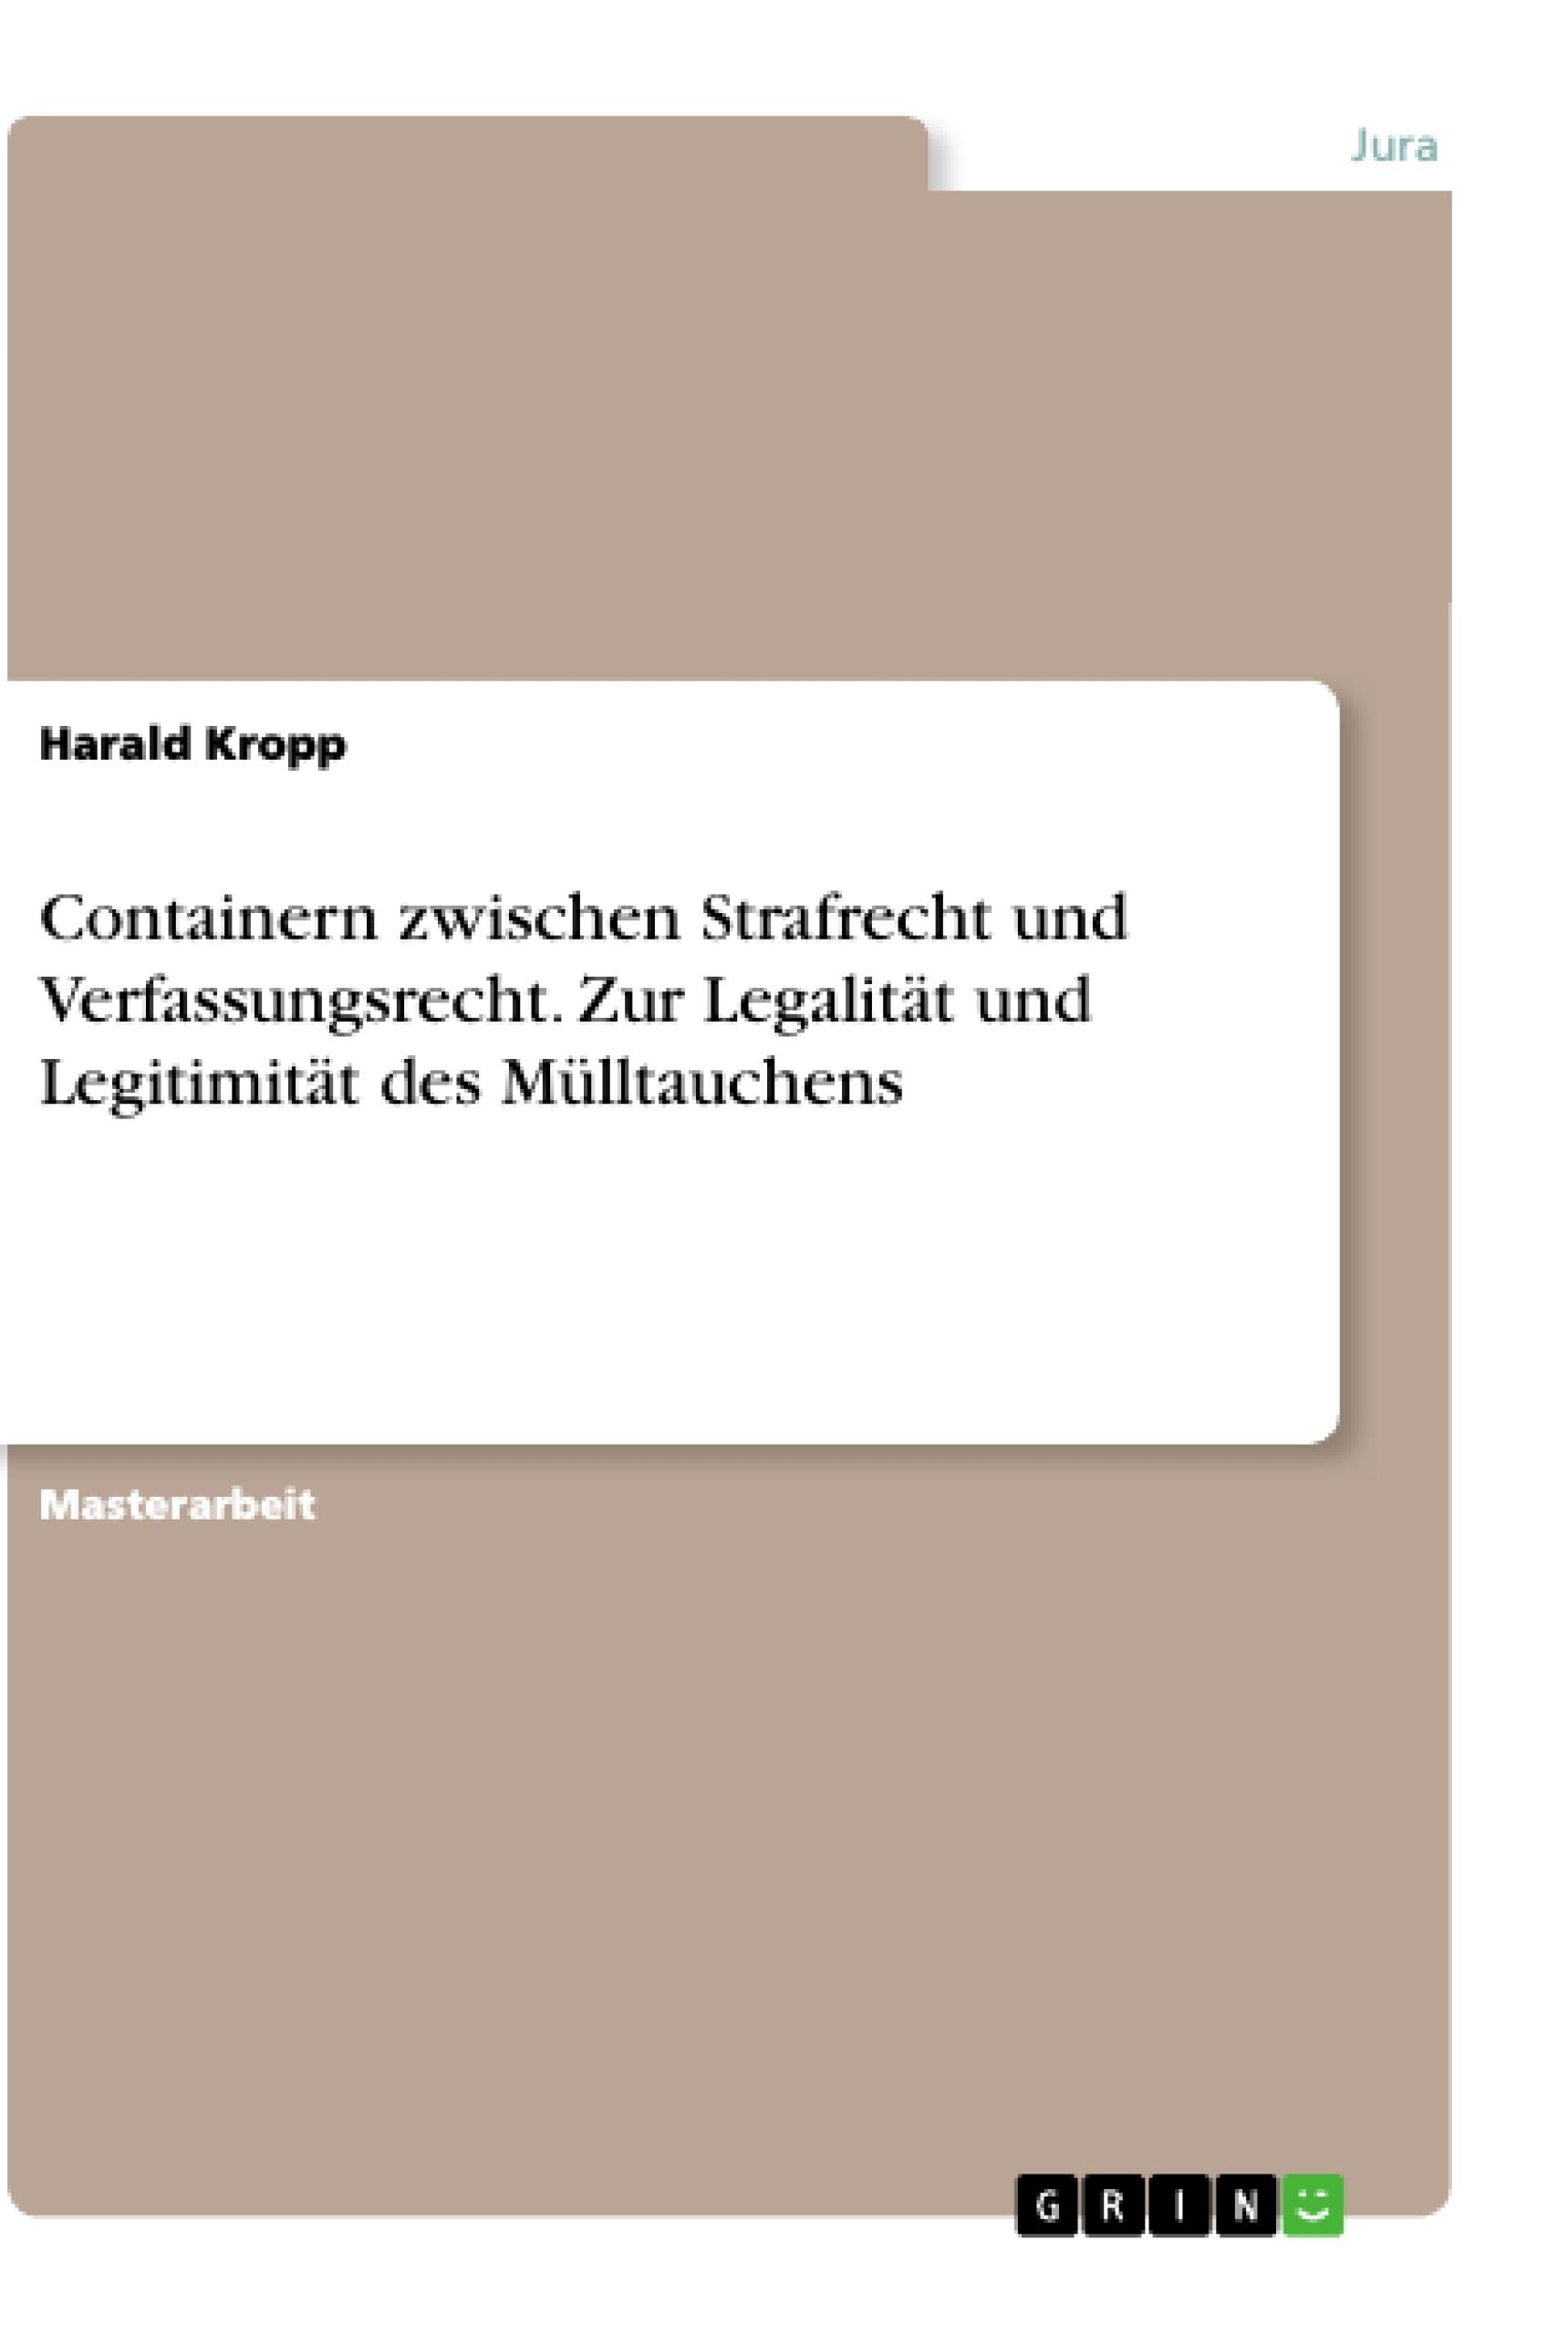 Titel: Containern zwischen Strafrecht und Verfassungsrecht. Zur Legalität und Legitimität des Mülltauchens